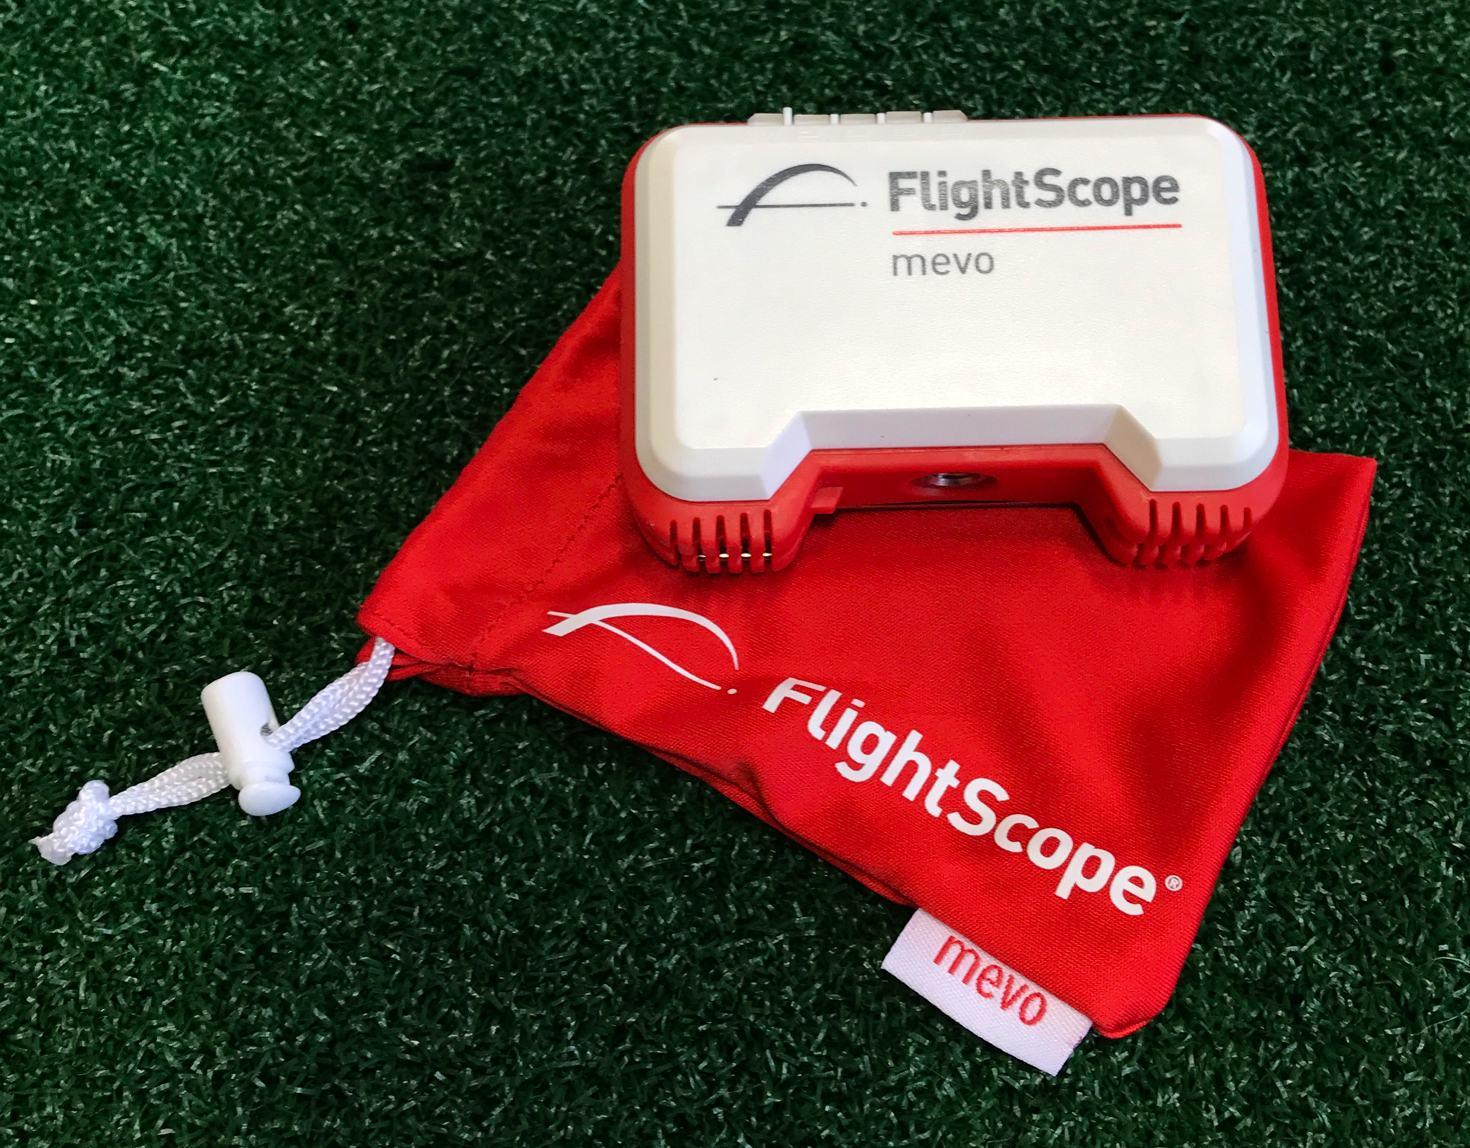 flightscope_mevo_on_pouch.jpg